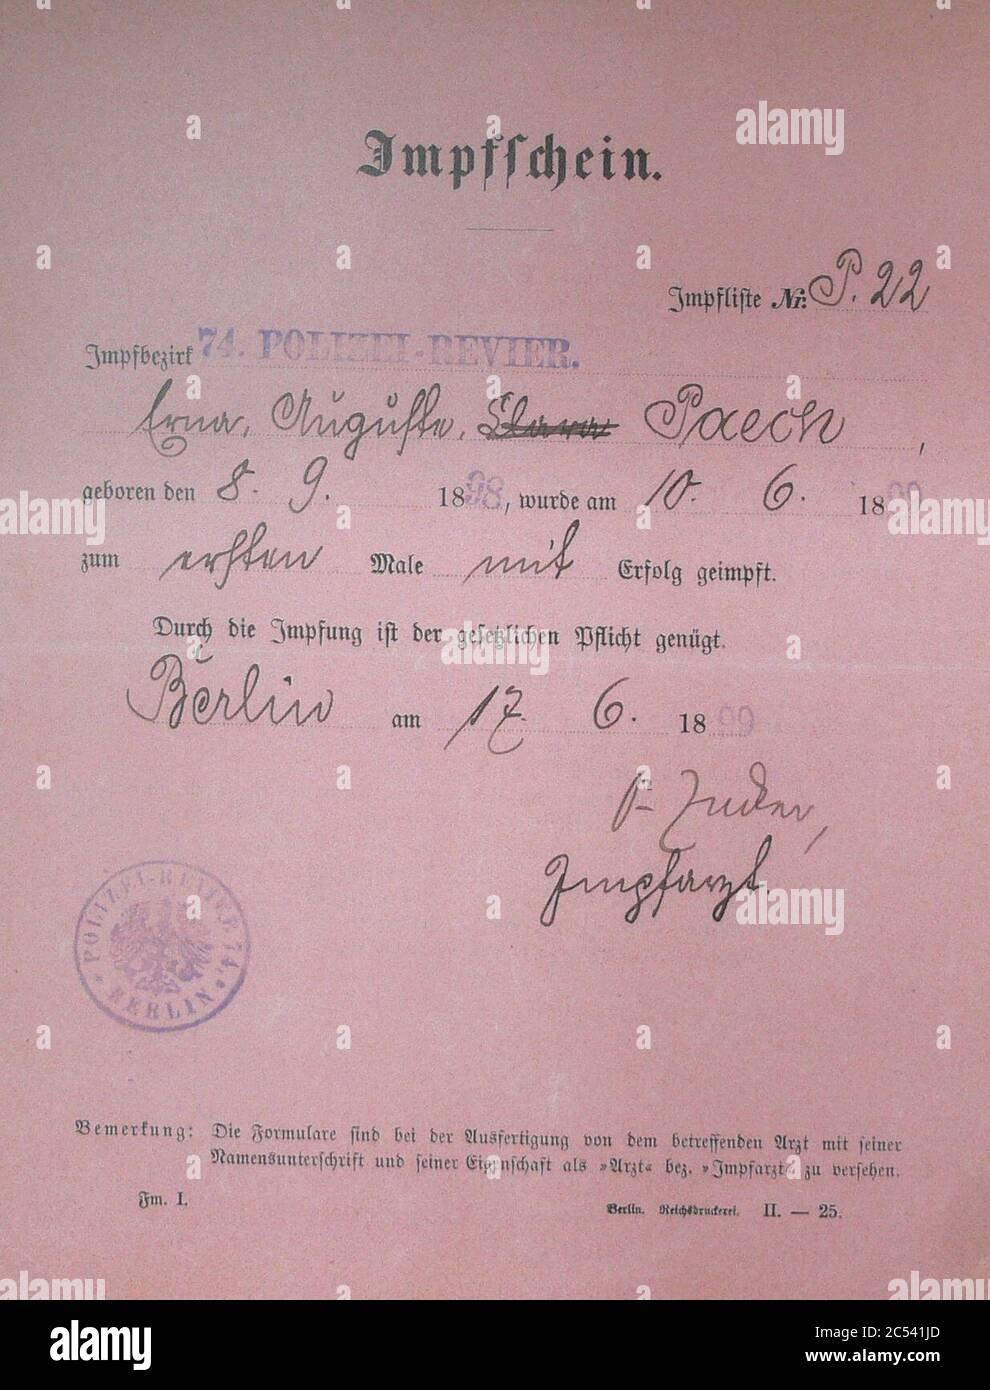 Impfschein 1899. Stock Photo